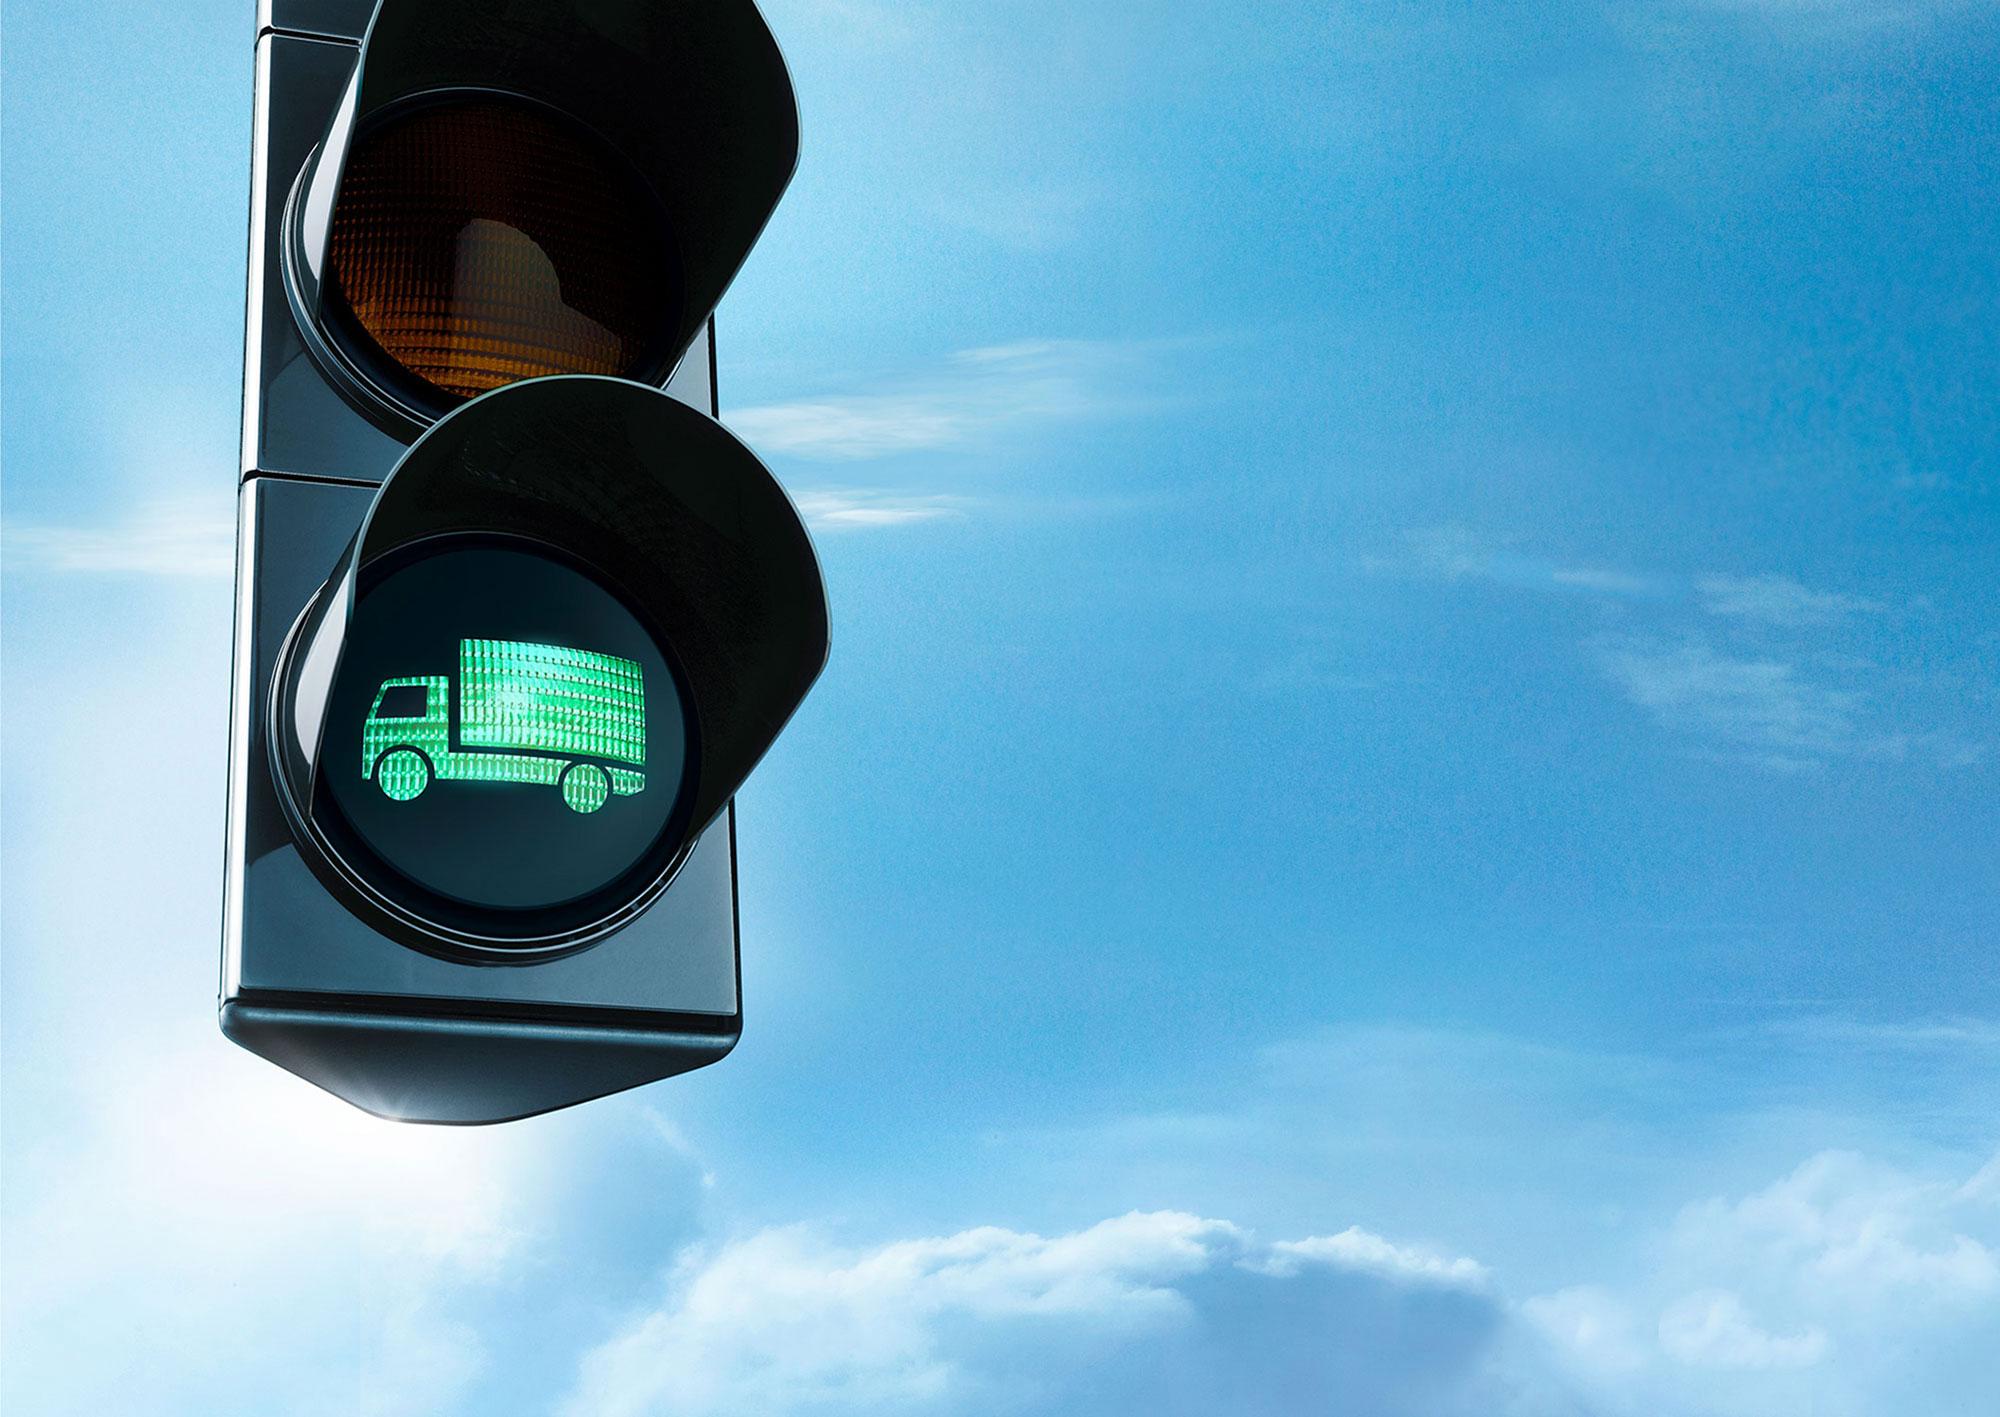 Advertising Mercedes Benz Services Ampel Dieselpartikel Filter Umweltzone Maut Grüne Welle LKW Nachrüstung Still life Idris Kolodziej